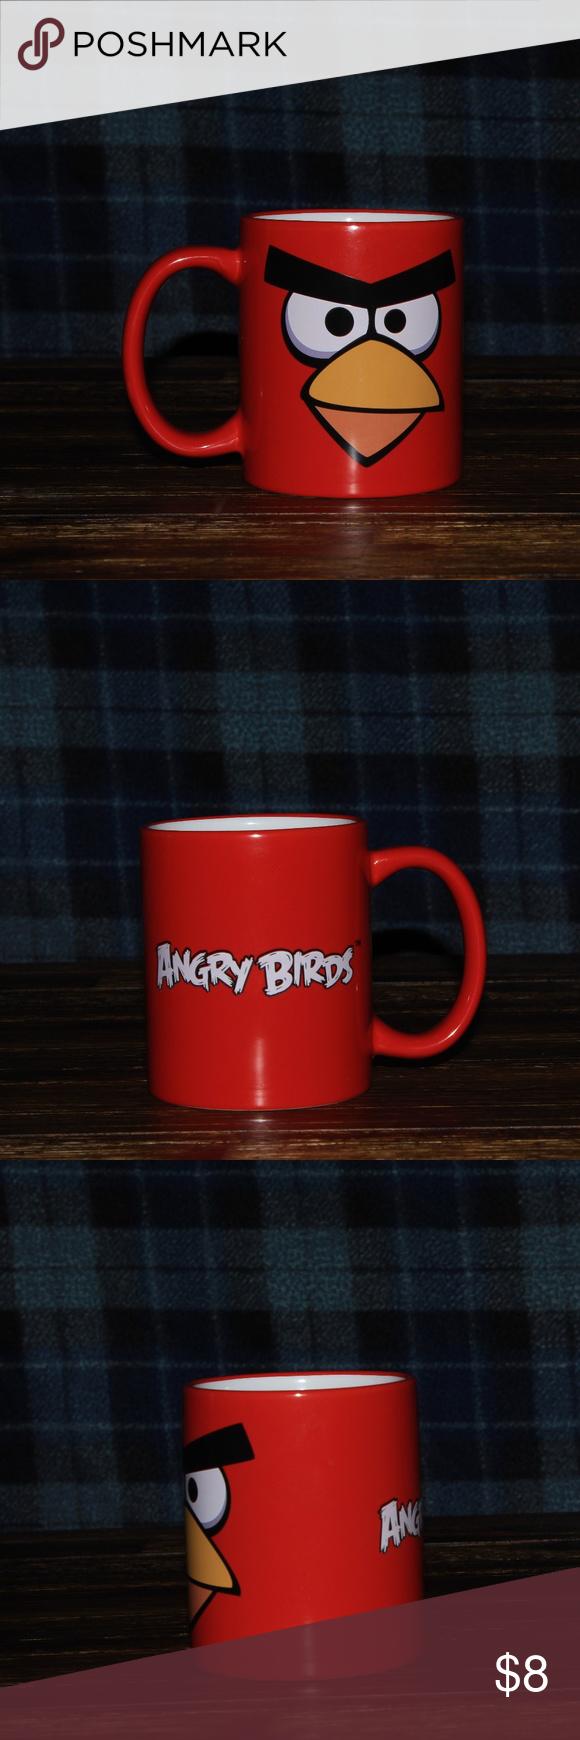 Coffee Mug Mugs, Coffee mugs, Things to sell